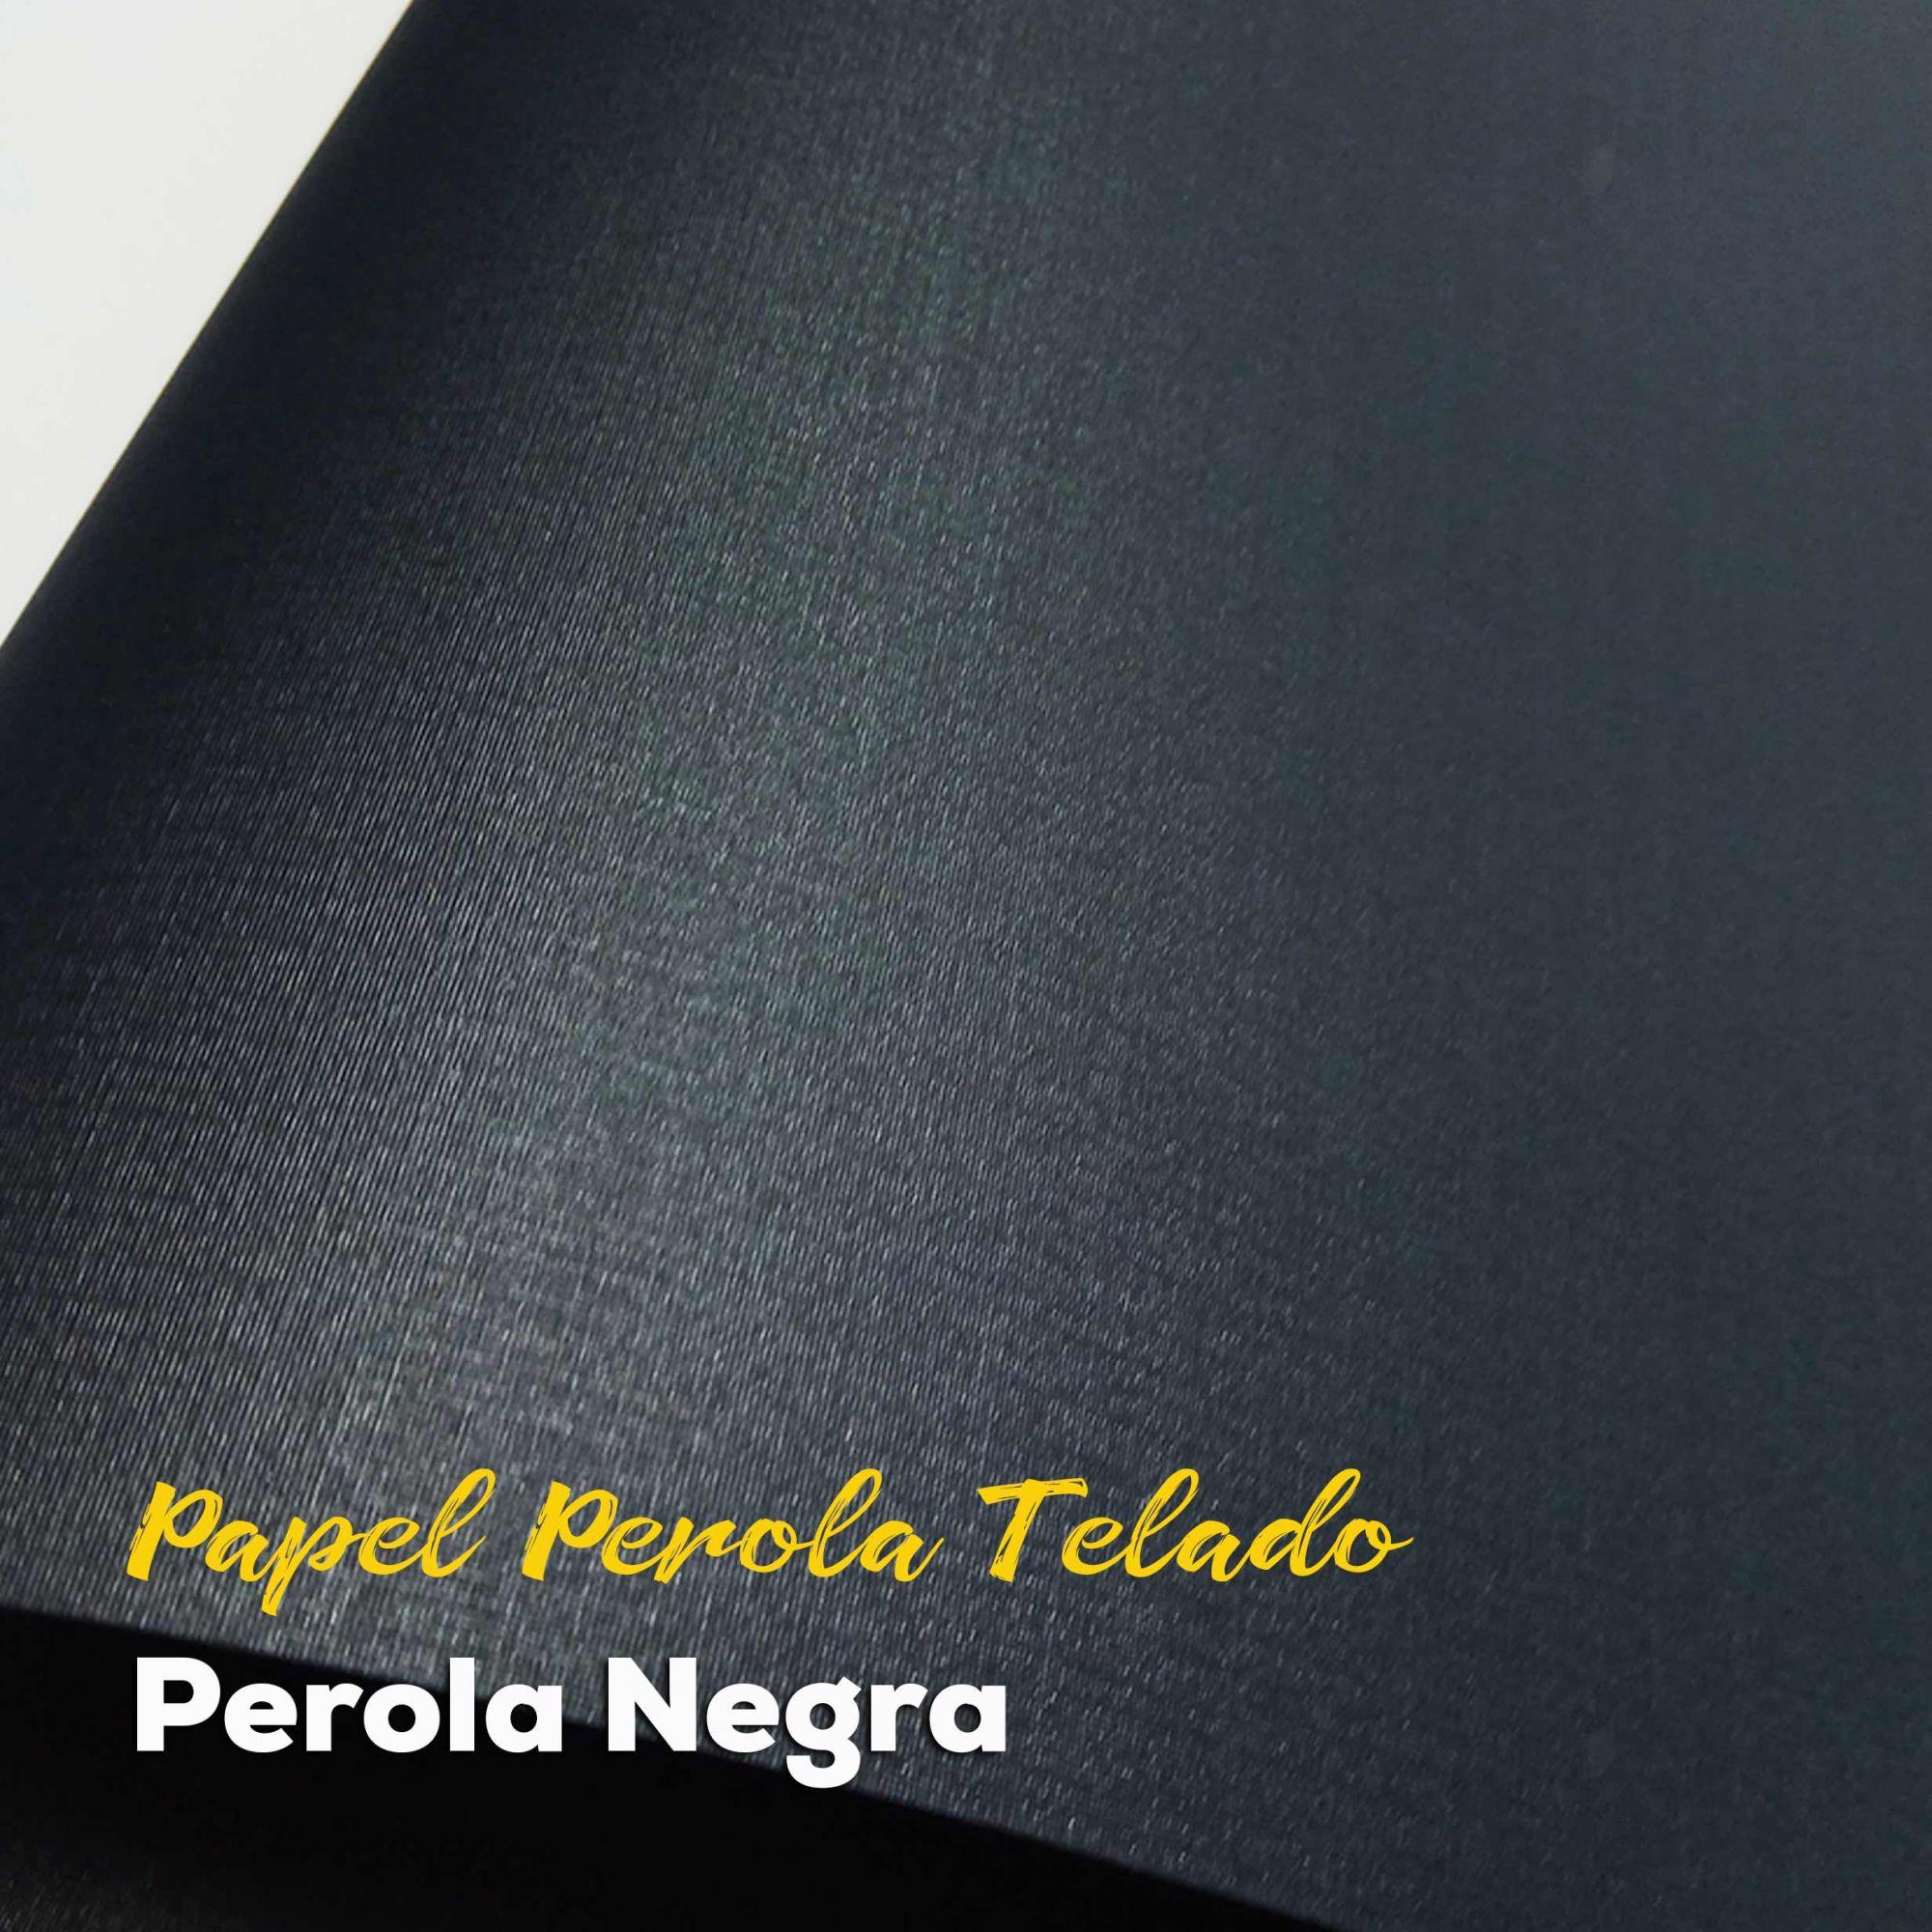 Papel Pérola Negra Telado  Tam: A4 180g/m²